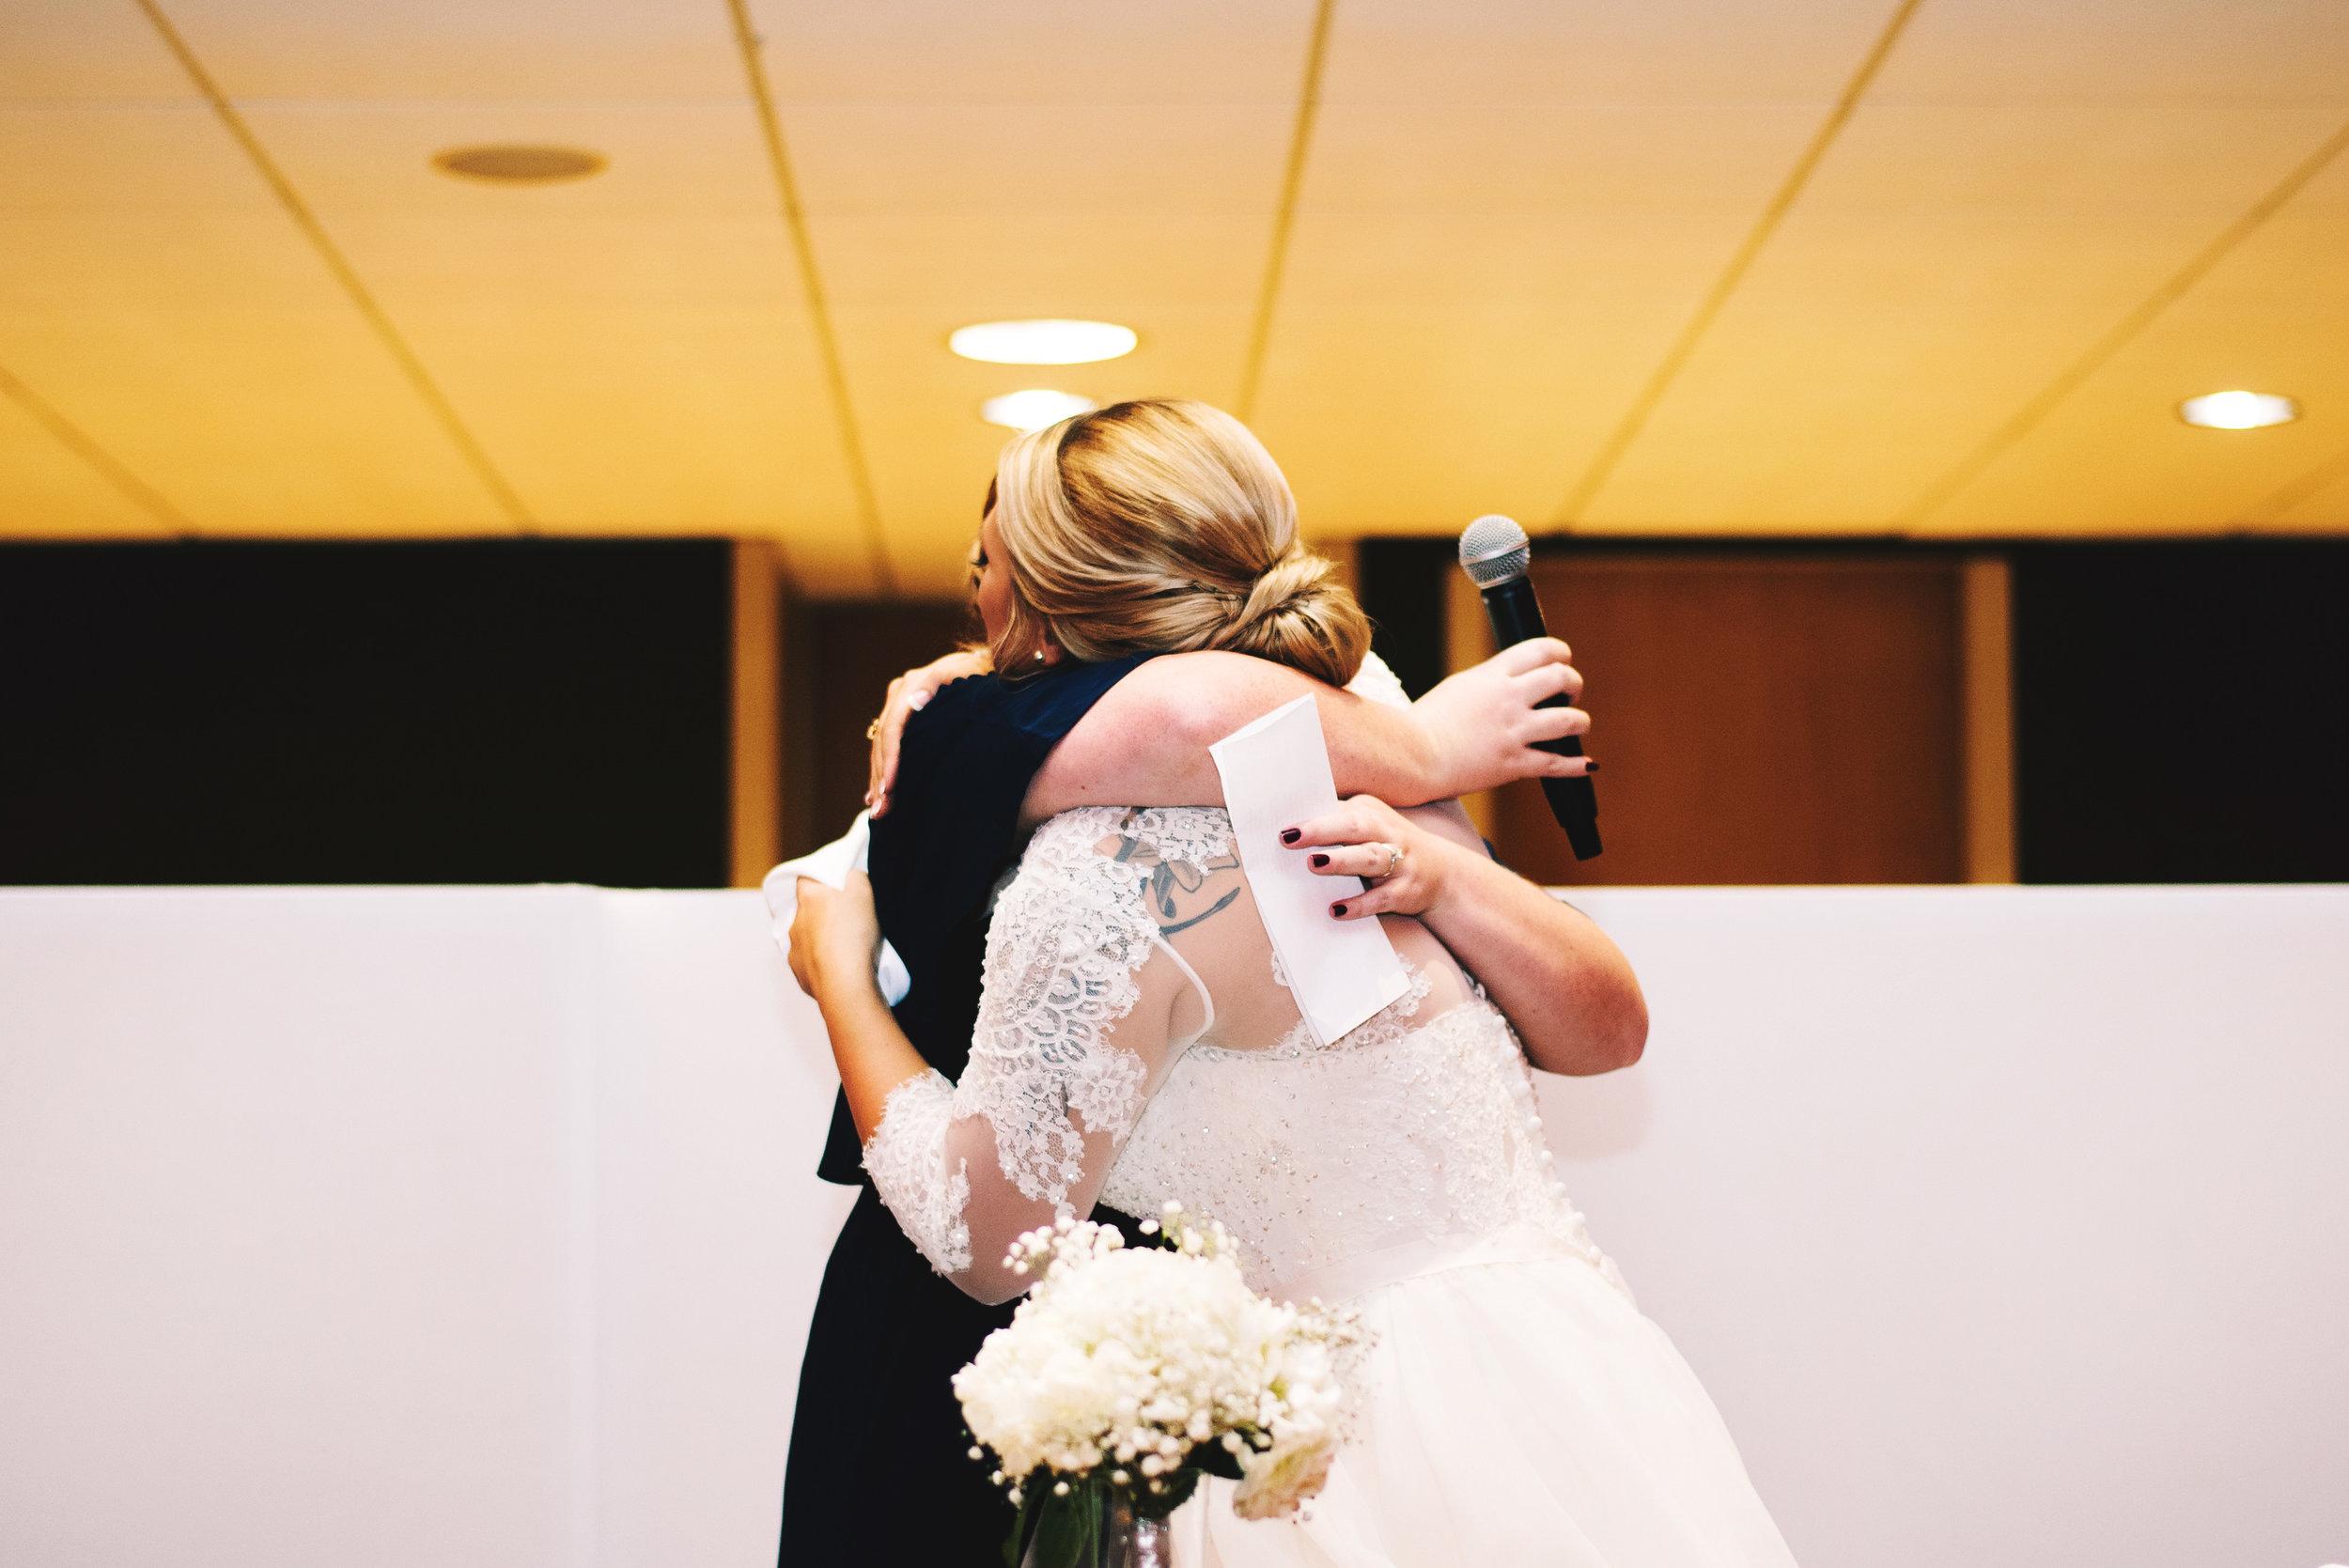 King-Northern-Illinois-University-Wedding114.jpg